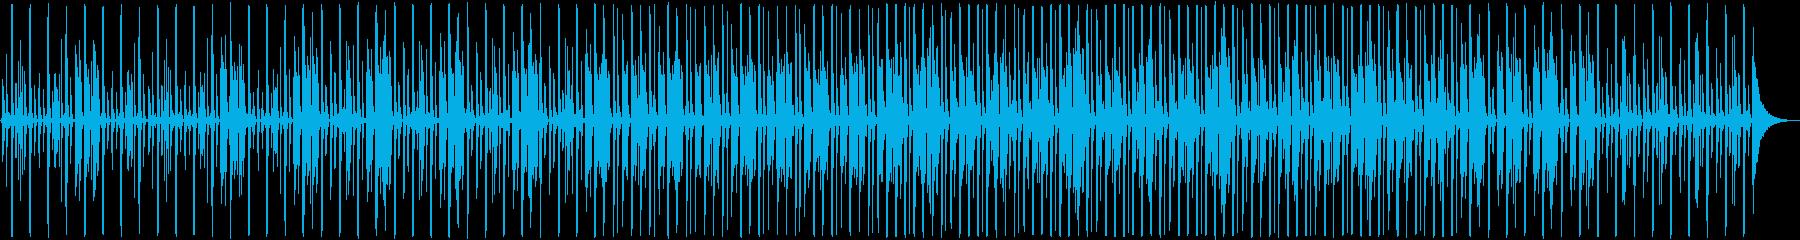 ダンス。 EP @ 0'37。ビー...の再生済みの波形